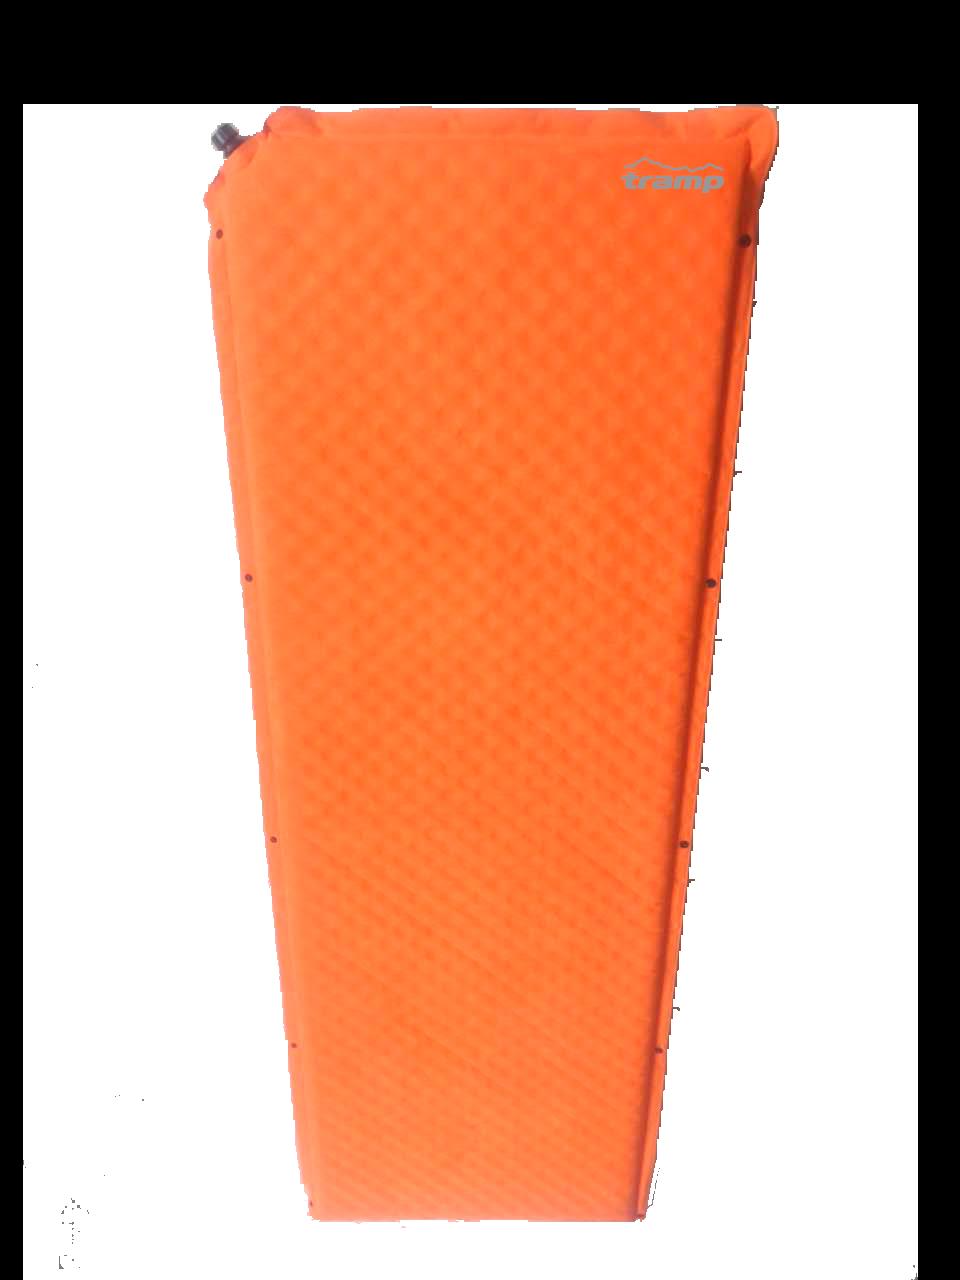 Ковер самонадувающийся Tramp TRI-021, 5 см, c кнопками